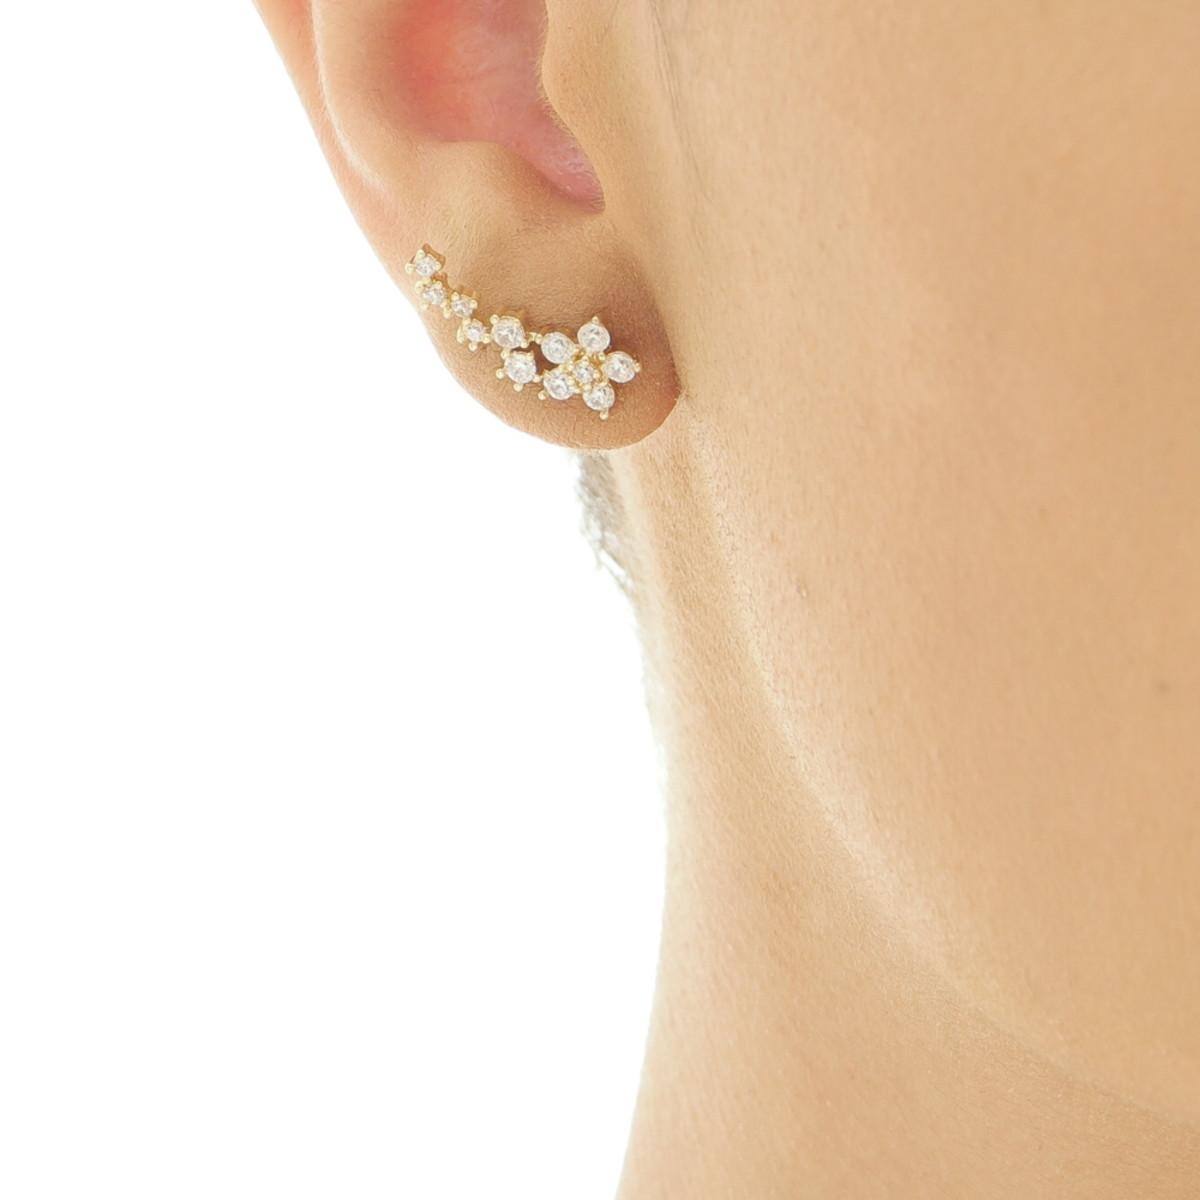 7d74acbf972ab Brinco Ear Cuff Florzinha Zircônia Cristal Semijoia no Elo7   Drusi ...